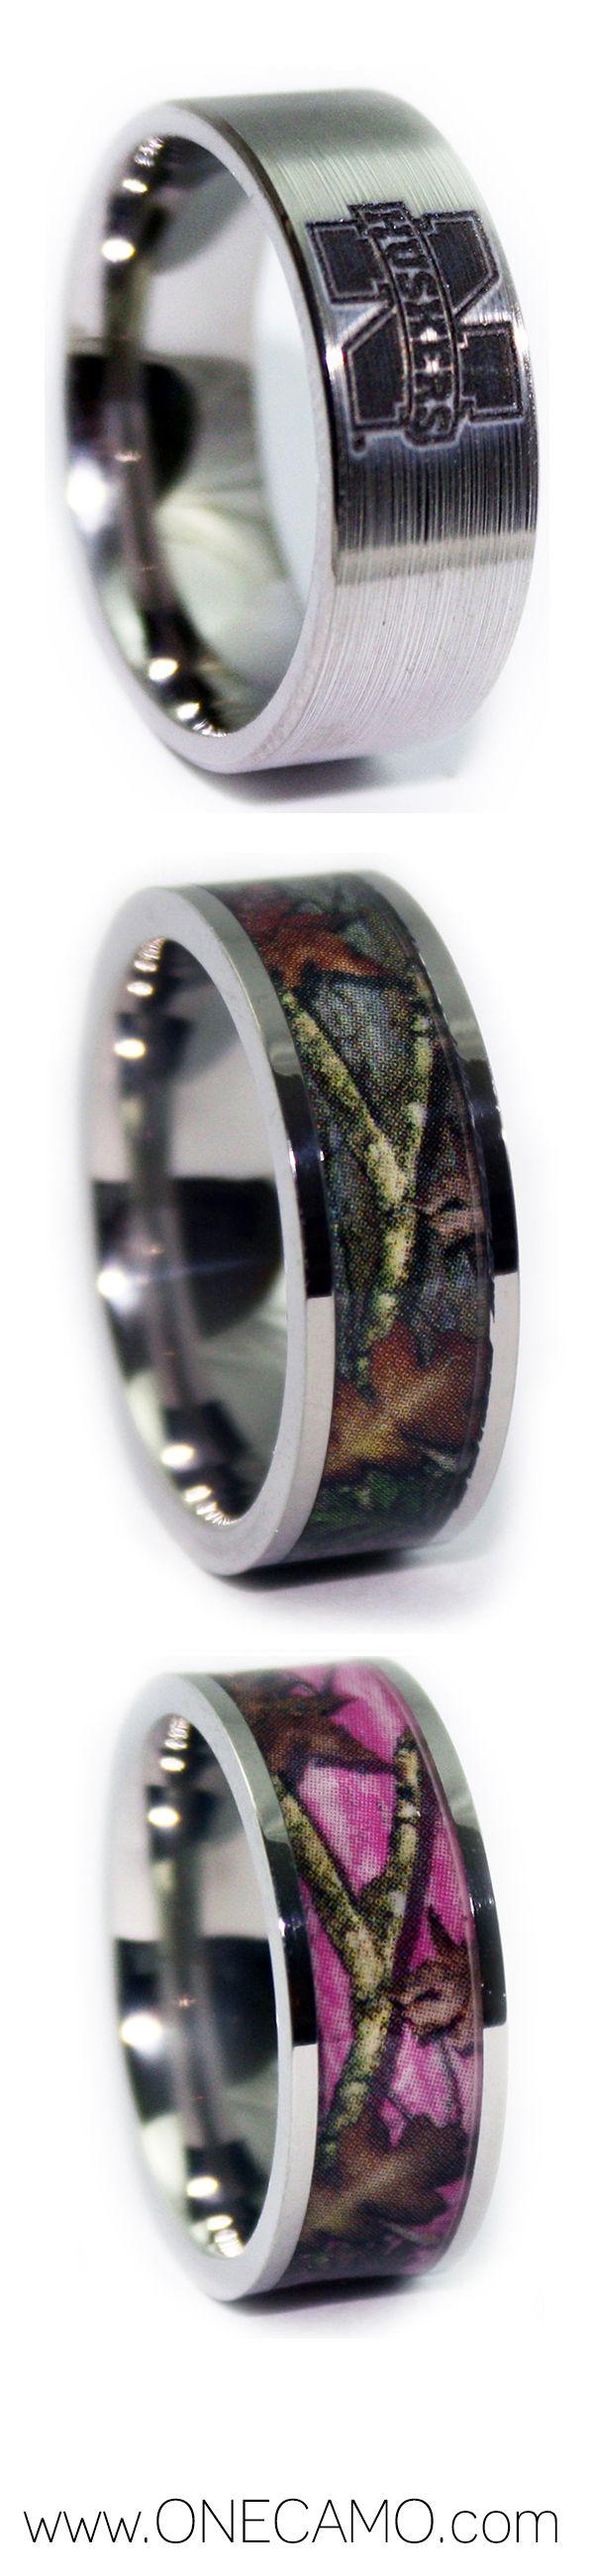 camo engagement rings womens camo wedding rings Shop Camo Wedding Rings by ONE CAMO Camo Wedding 1Camo com